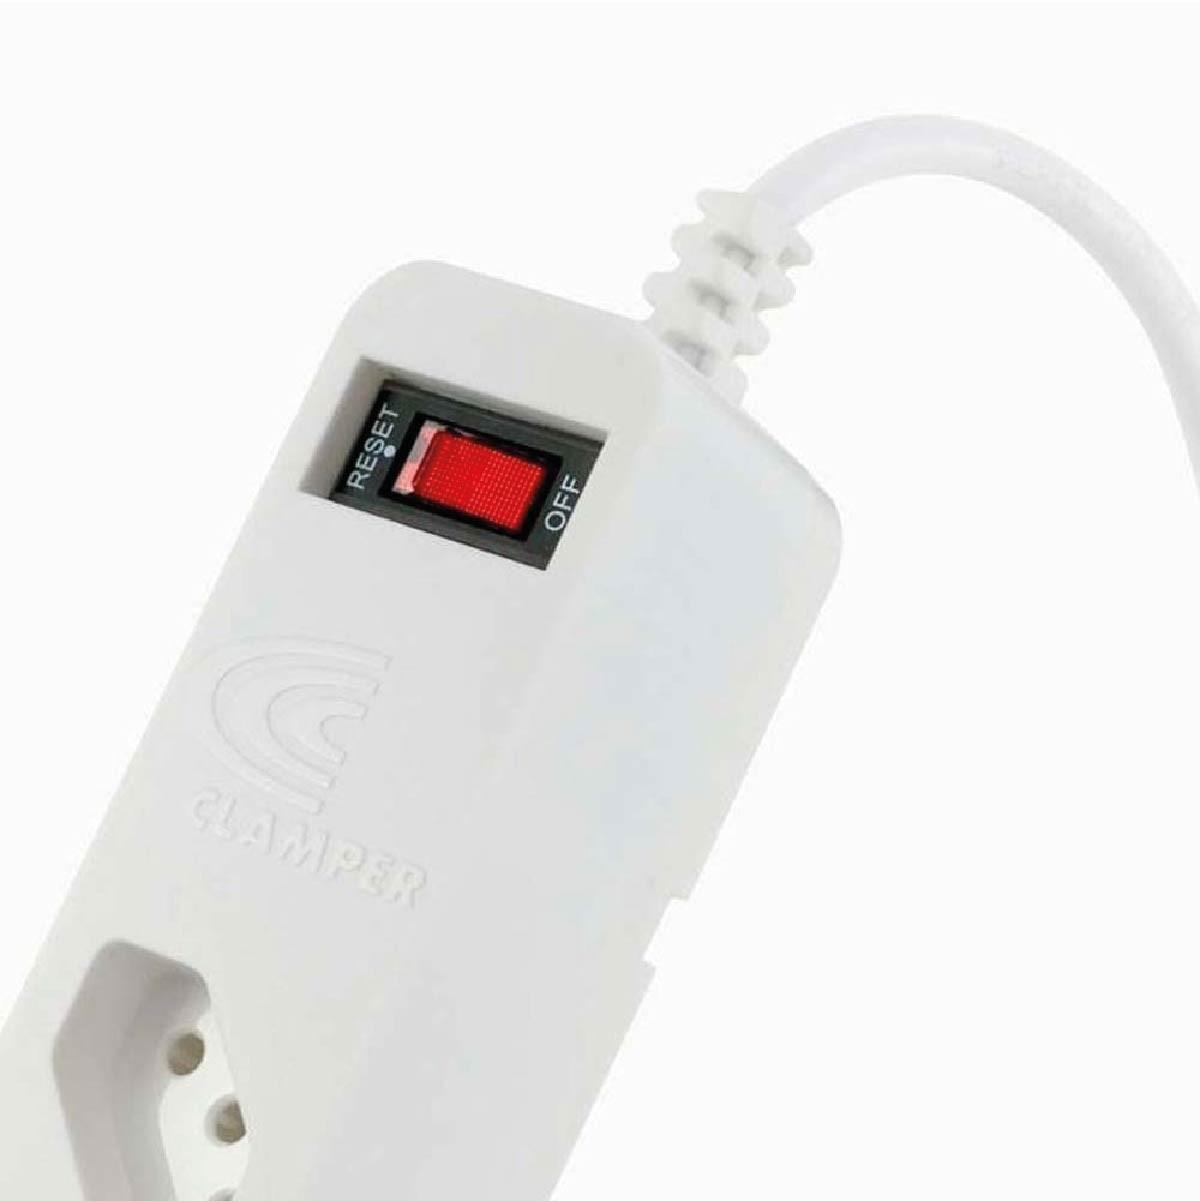 Filtro de linha DPS iClamper Energia 5 Protetor contra Surto Elétrico Branco